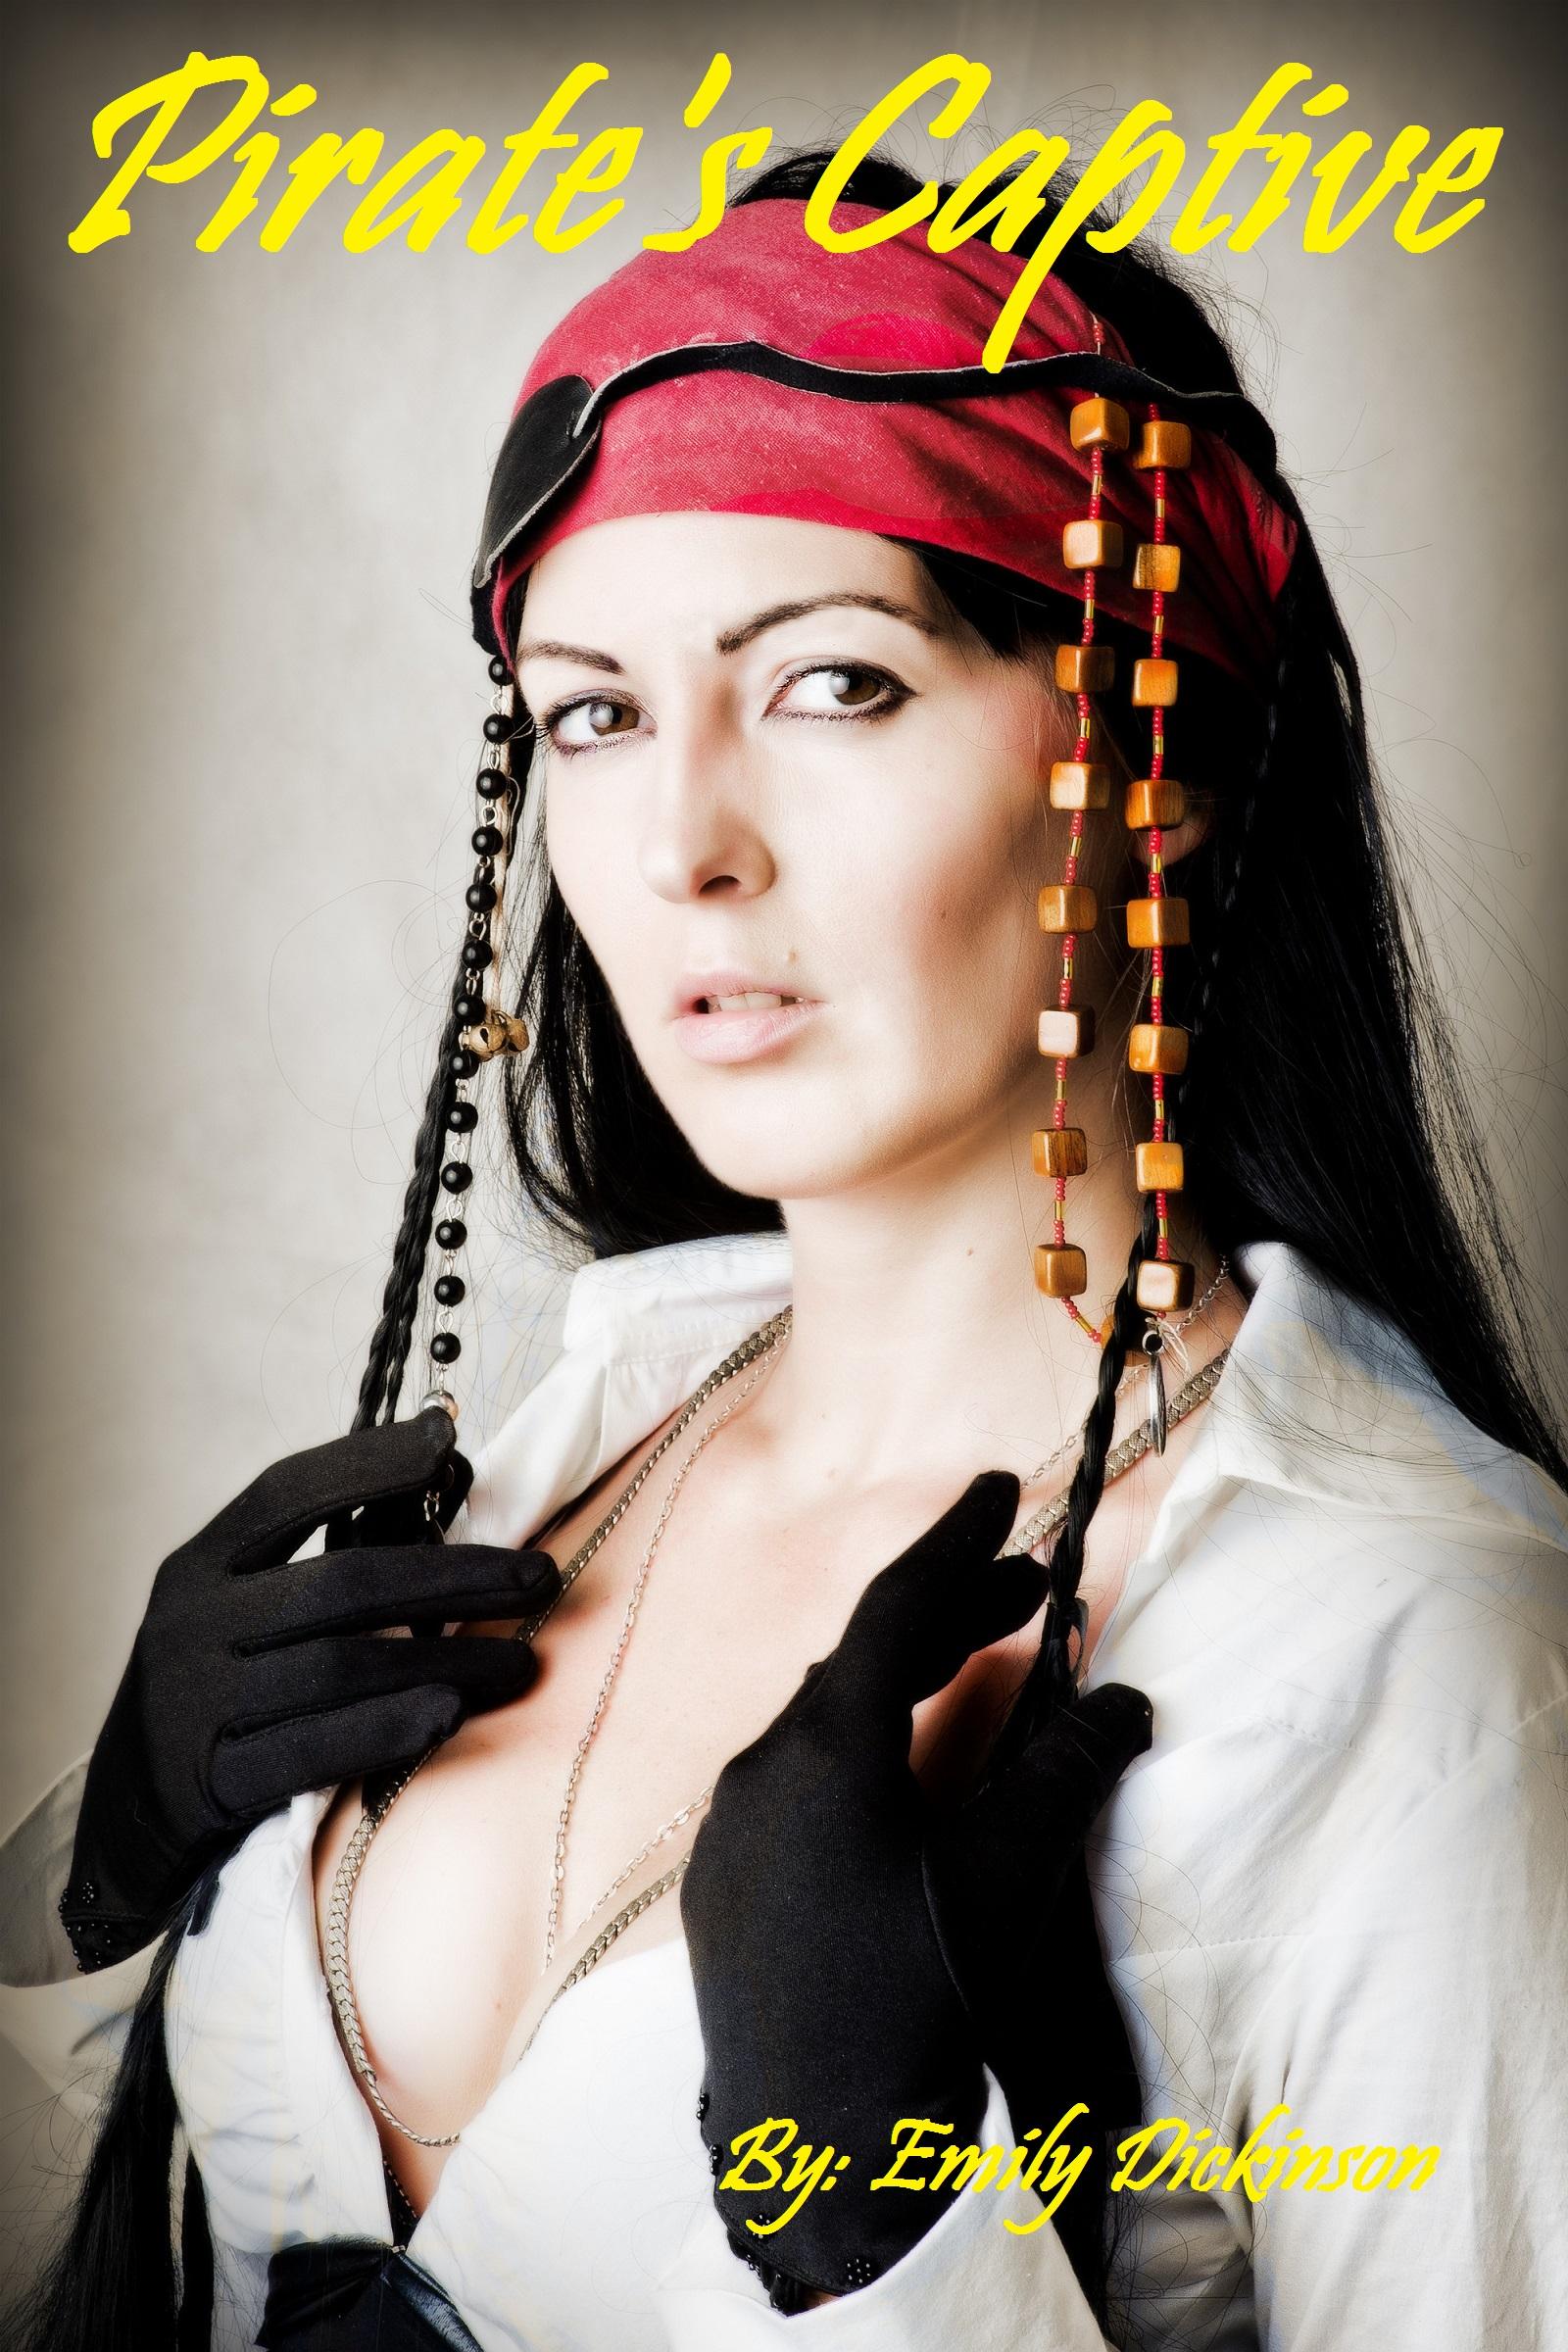 прически для пиратов фото